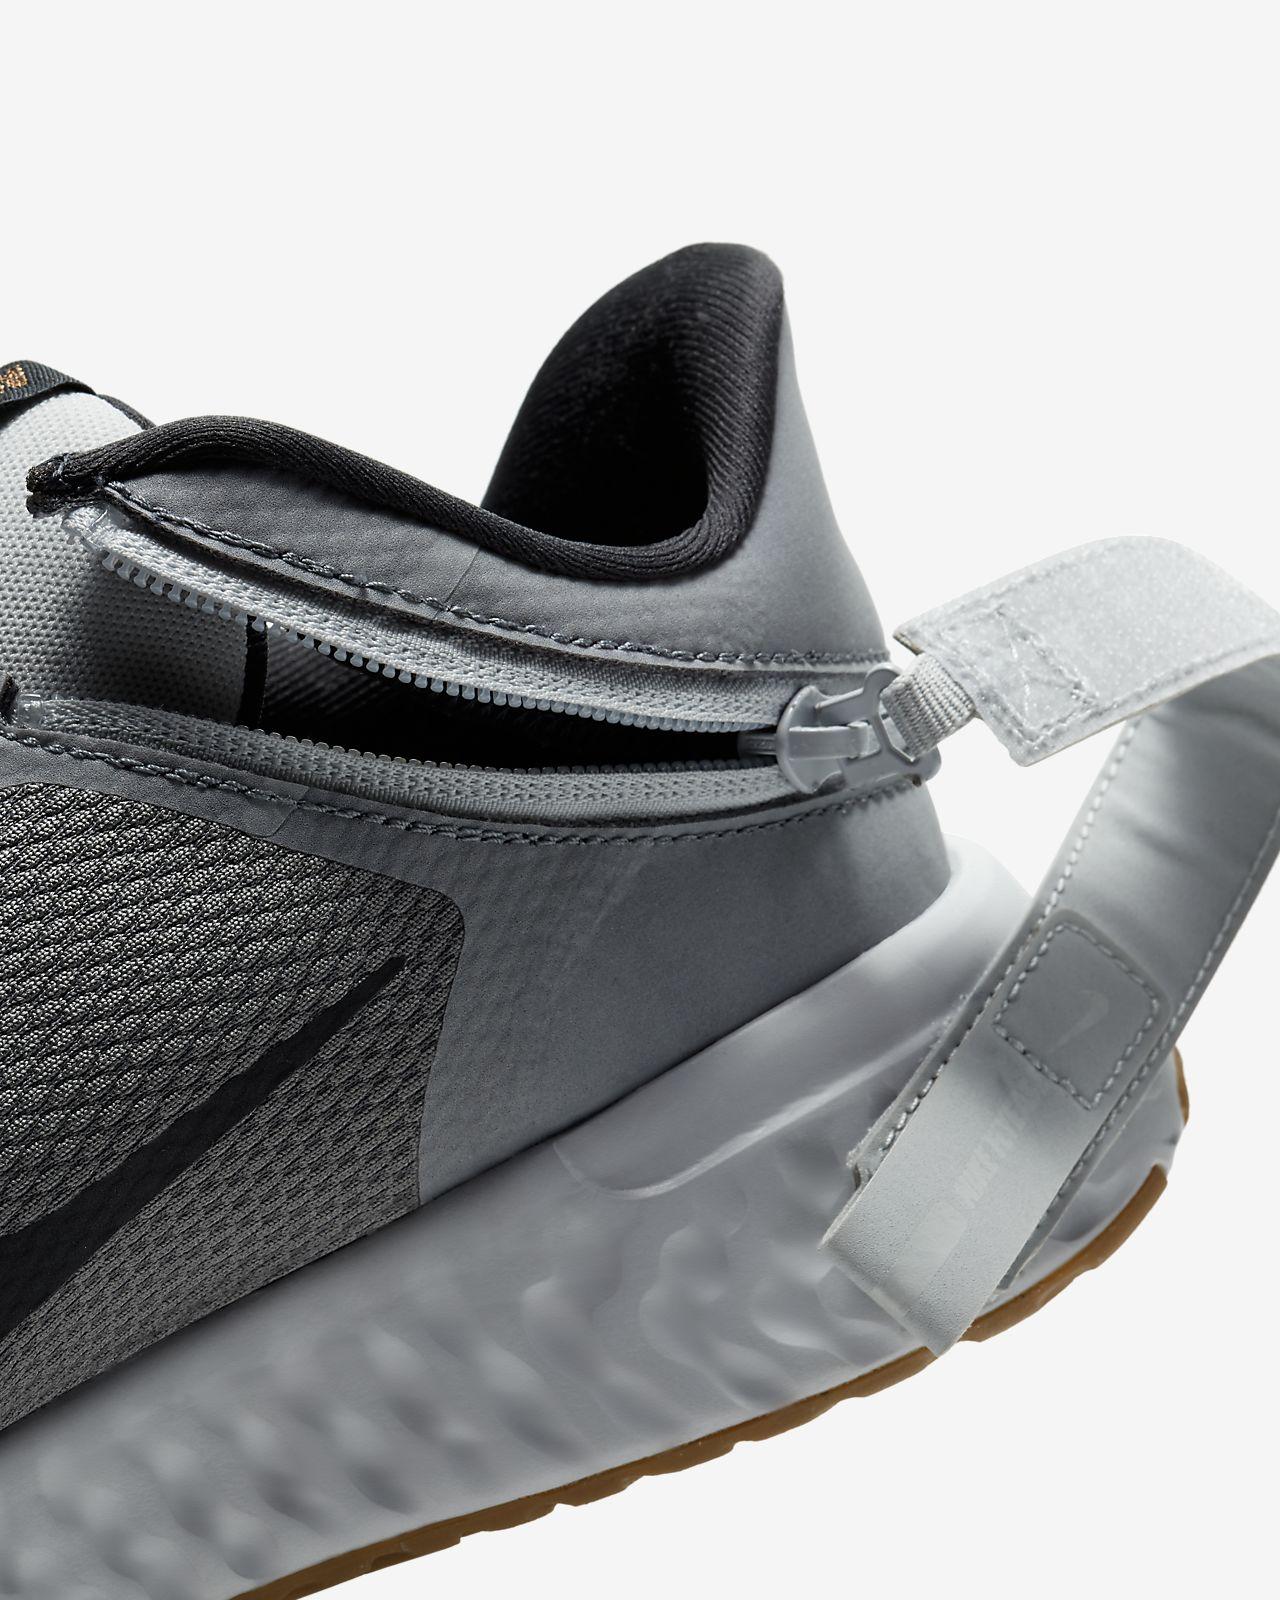 Löparsko Nike Revolution 5 FlyEase för män